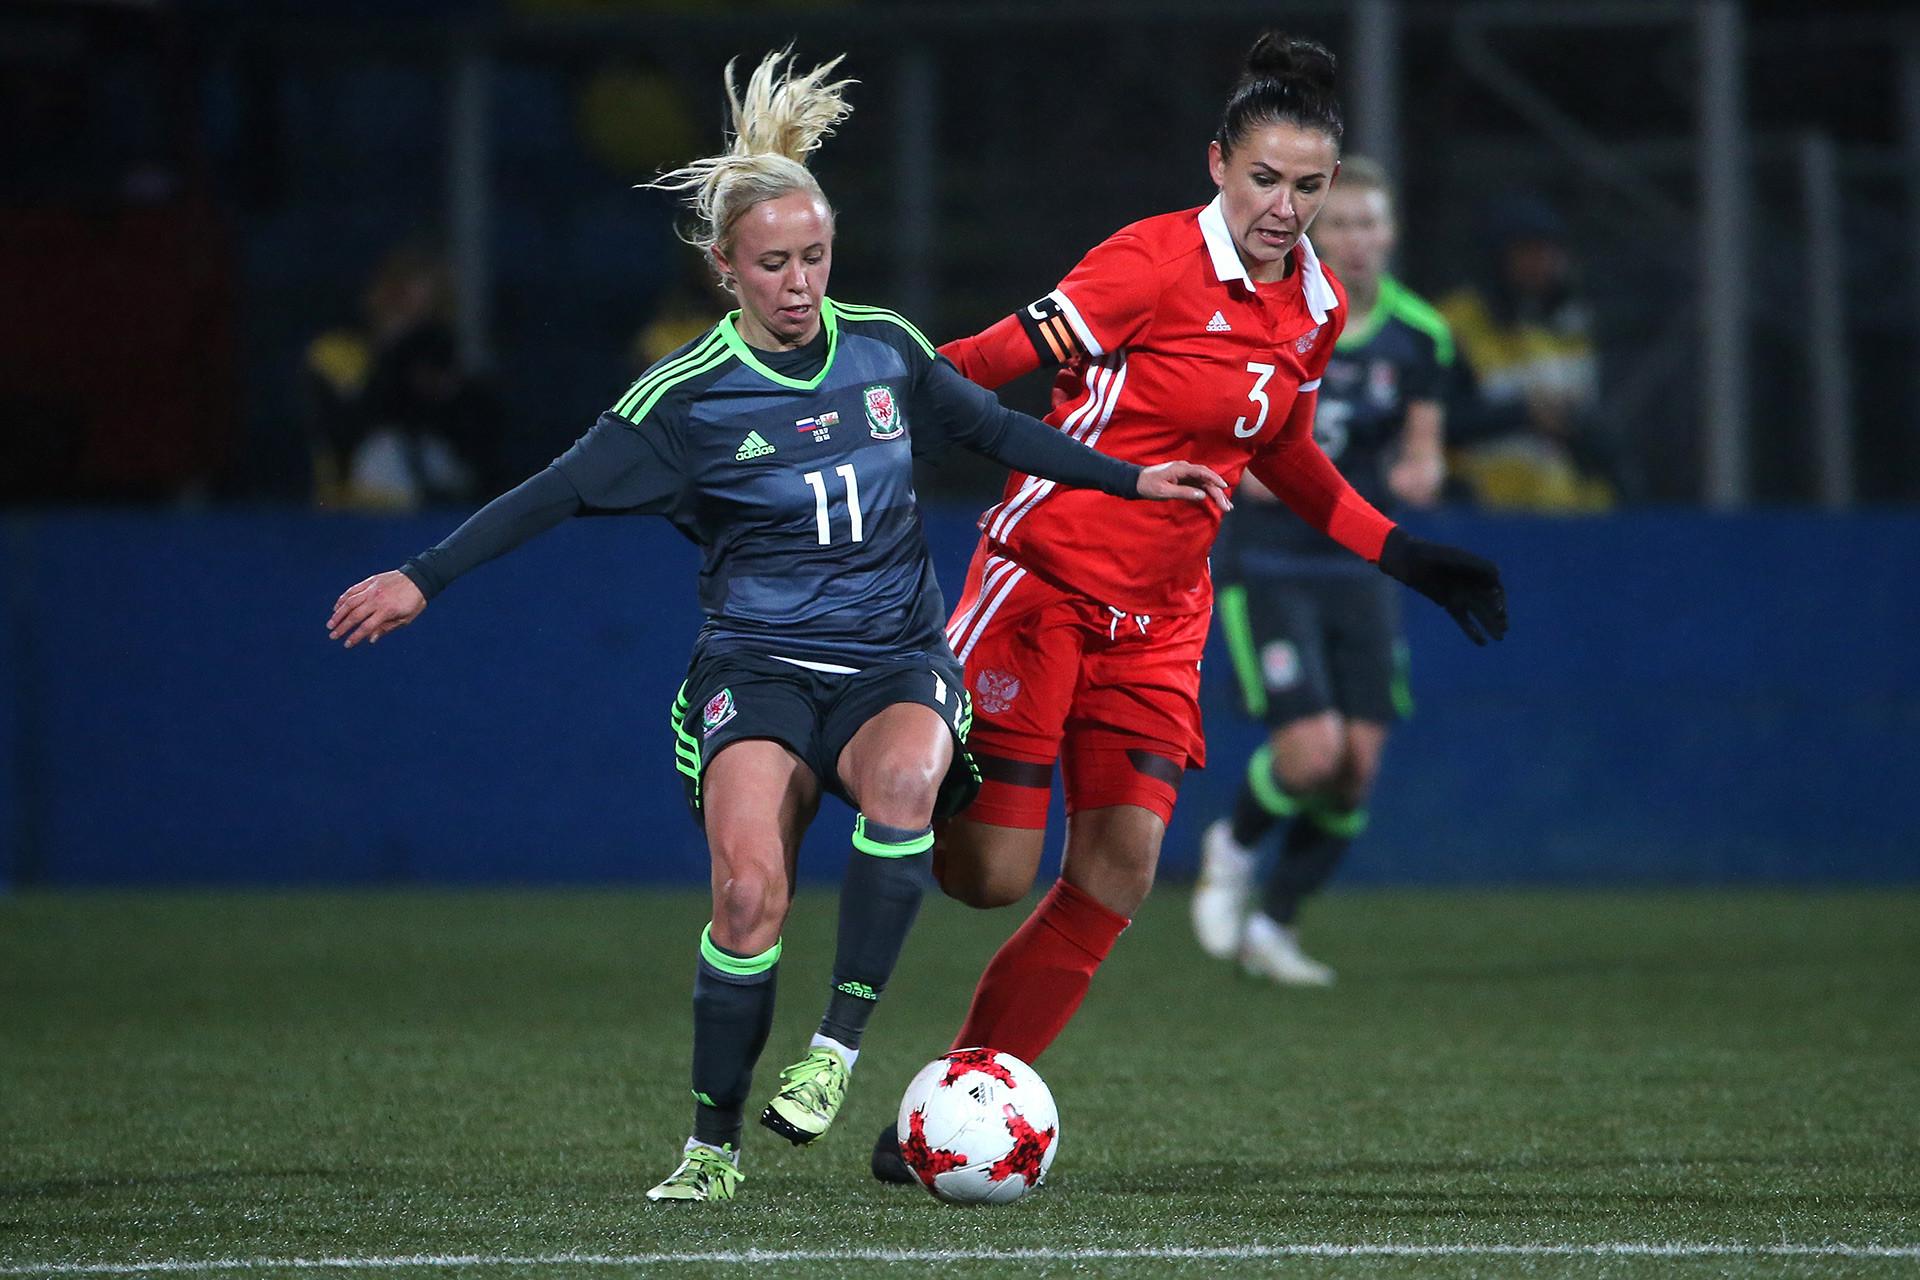 Nadia Lawrence (esq.), do País de Gales, e a russa Anna Kojnikova no jogo de qualificação para a Copa do Mundo Feminina. Partida terminou em zero a zero.